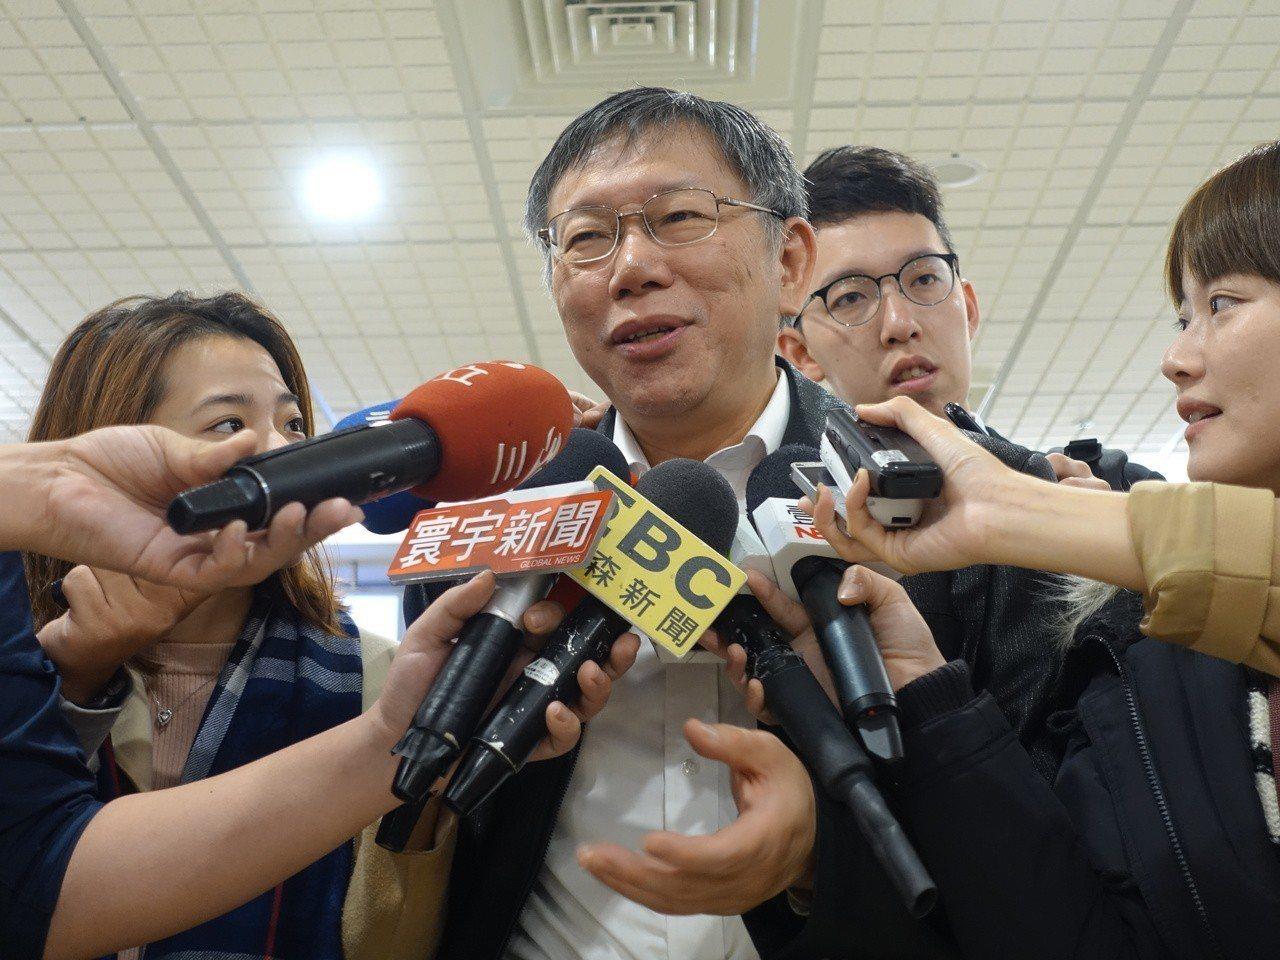 是否拚2020?台北市長柯文哲說「明年六月以後再問我」。 記者邱瓊玉/攝影